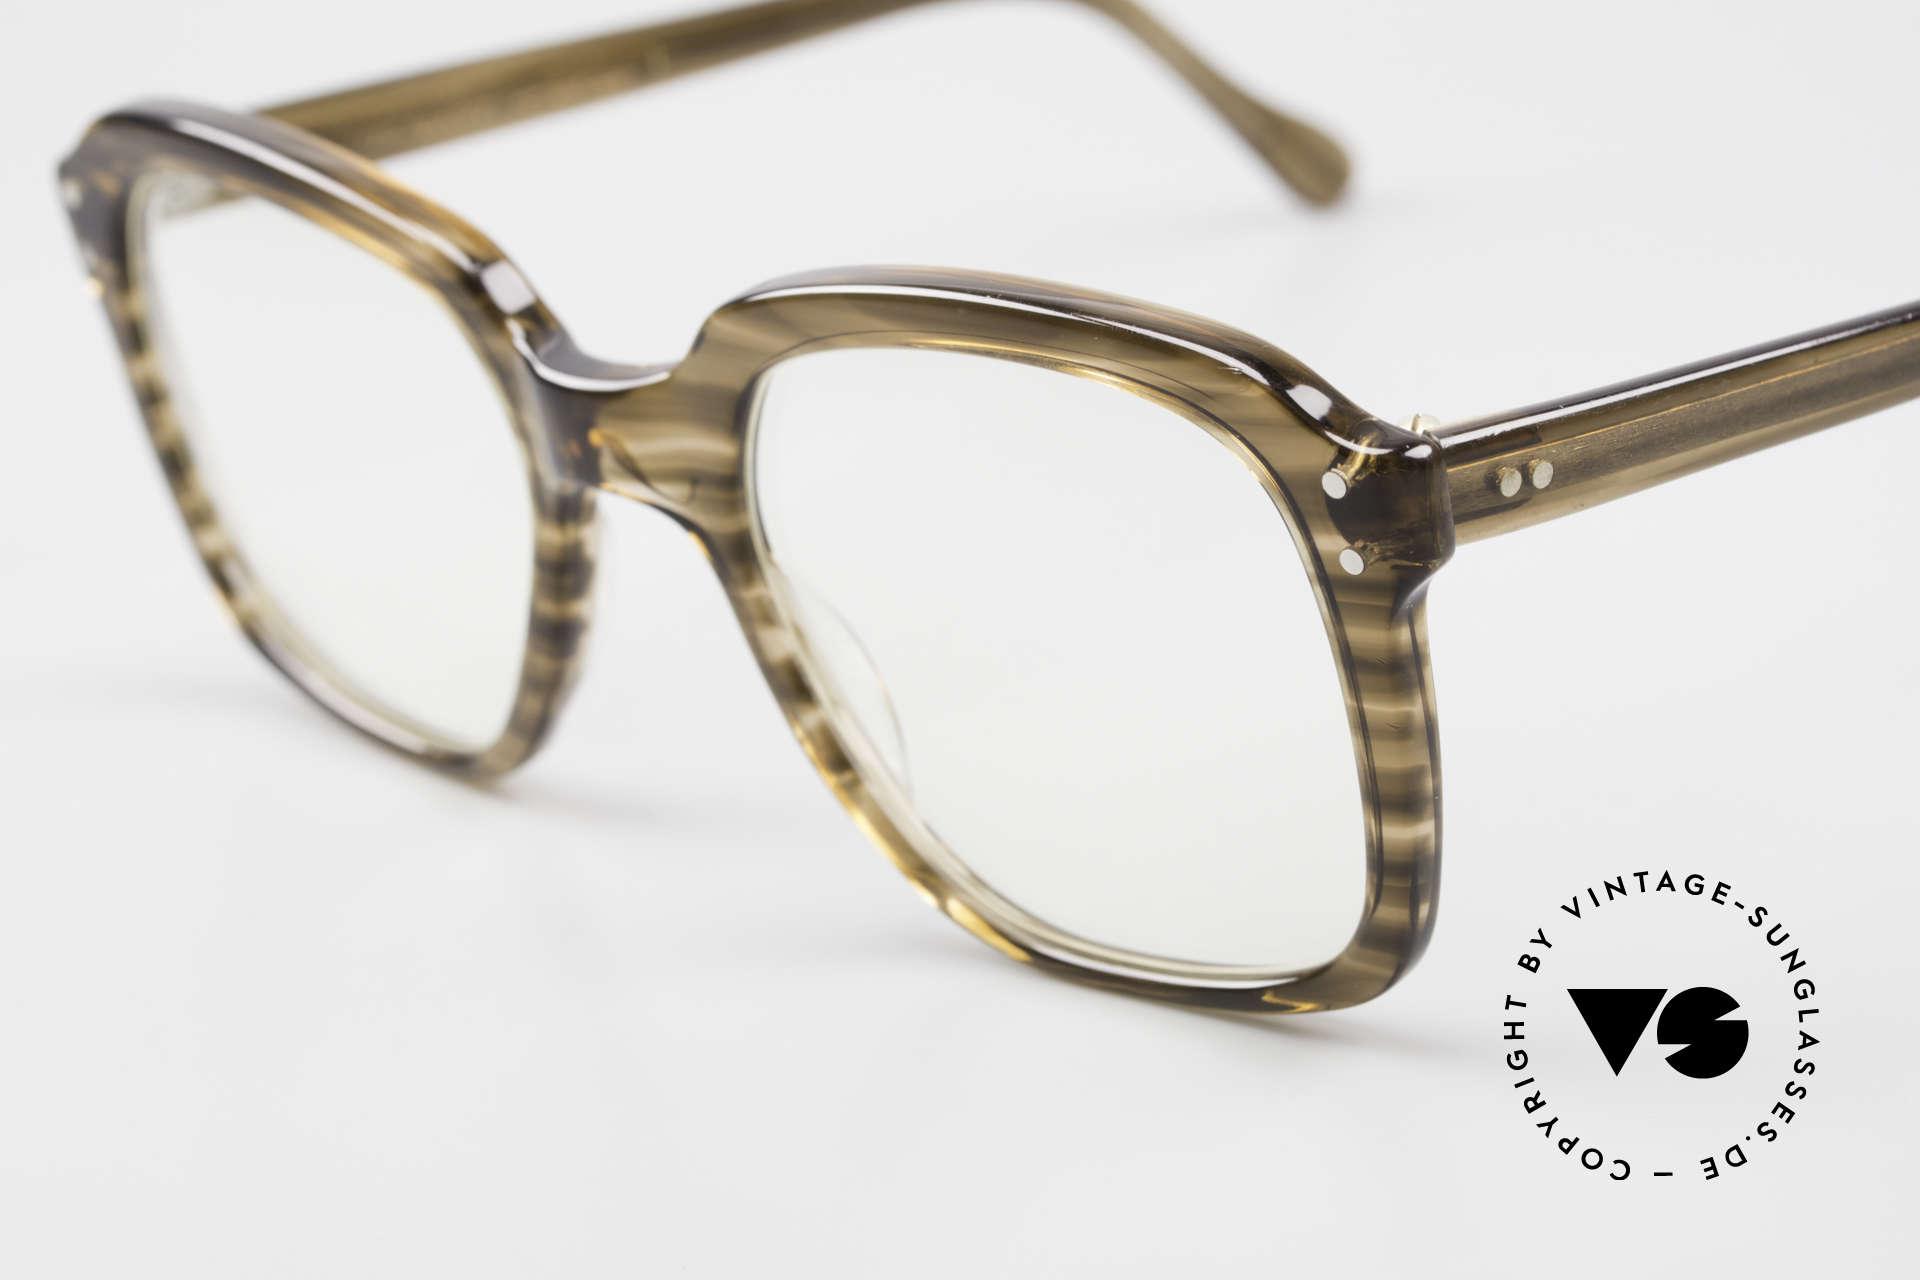 Metzler 449 Alte 70er Original Nerdbrille, ungetragen (wie alle unsere 80er Metzler Nerd Brillen), Passend für Herren